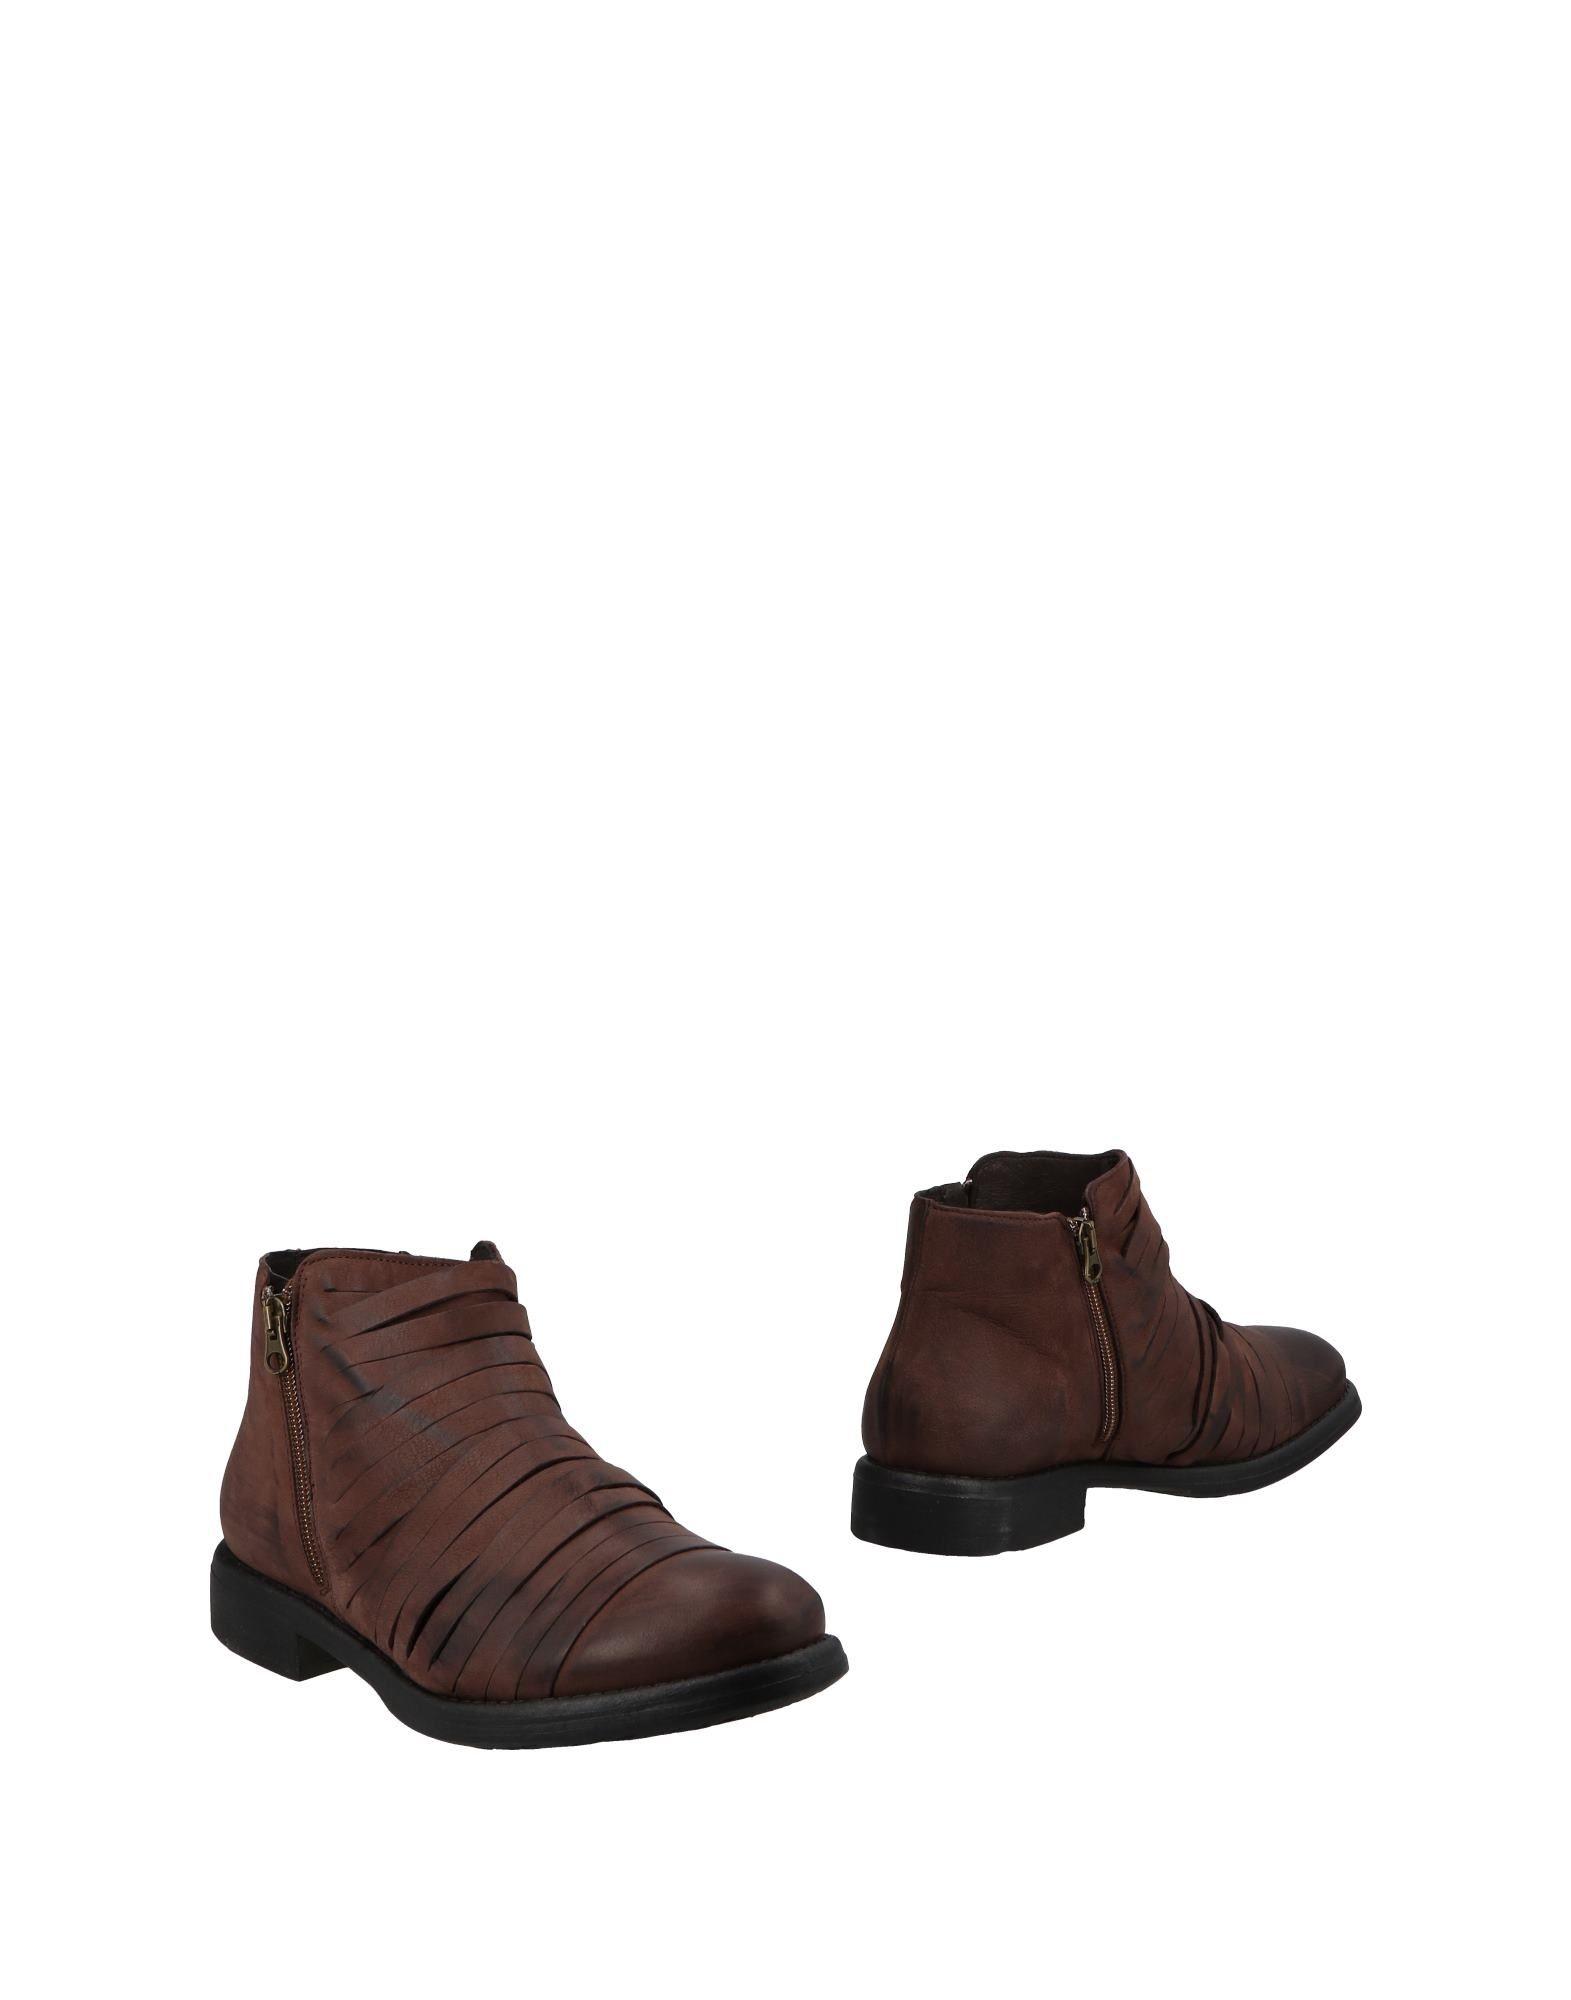 Laura Bizzarri Stiefelette Damen    11486119QO Gute Qualität beliebte Schuhe da95b7